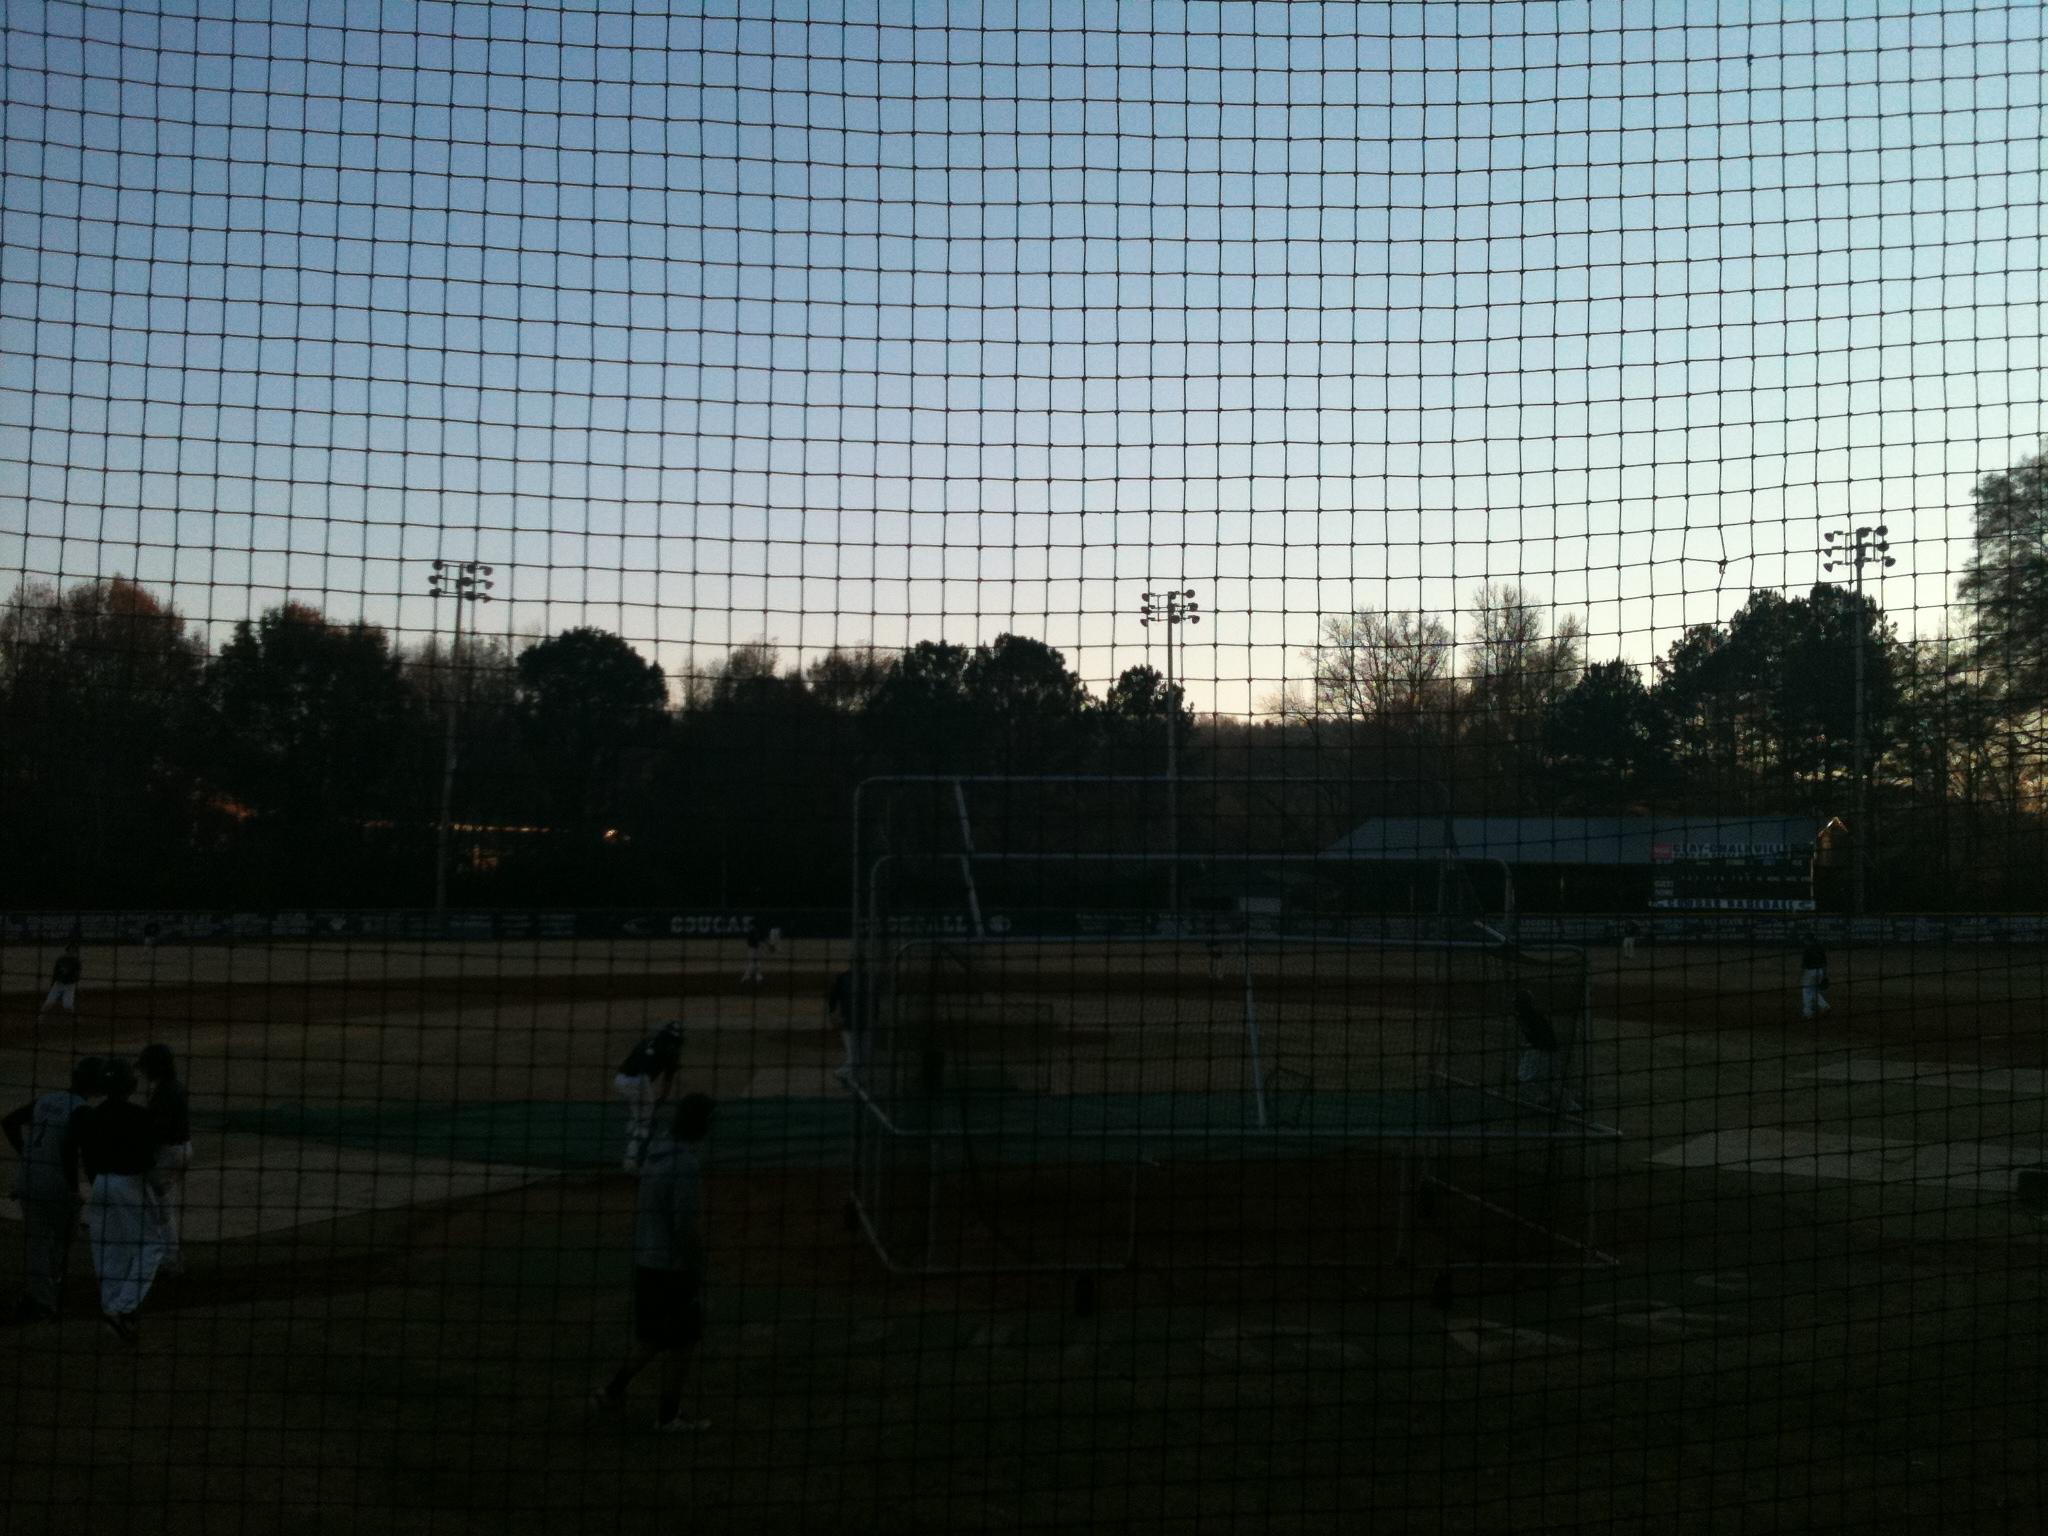 Lights on for Clay-Chalkville Baseball